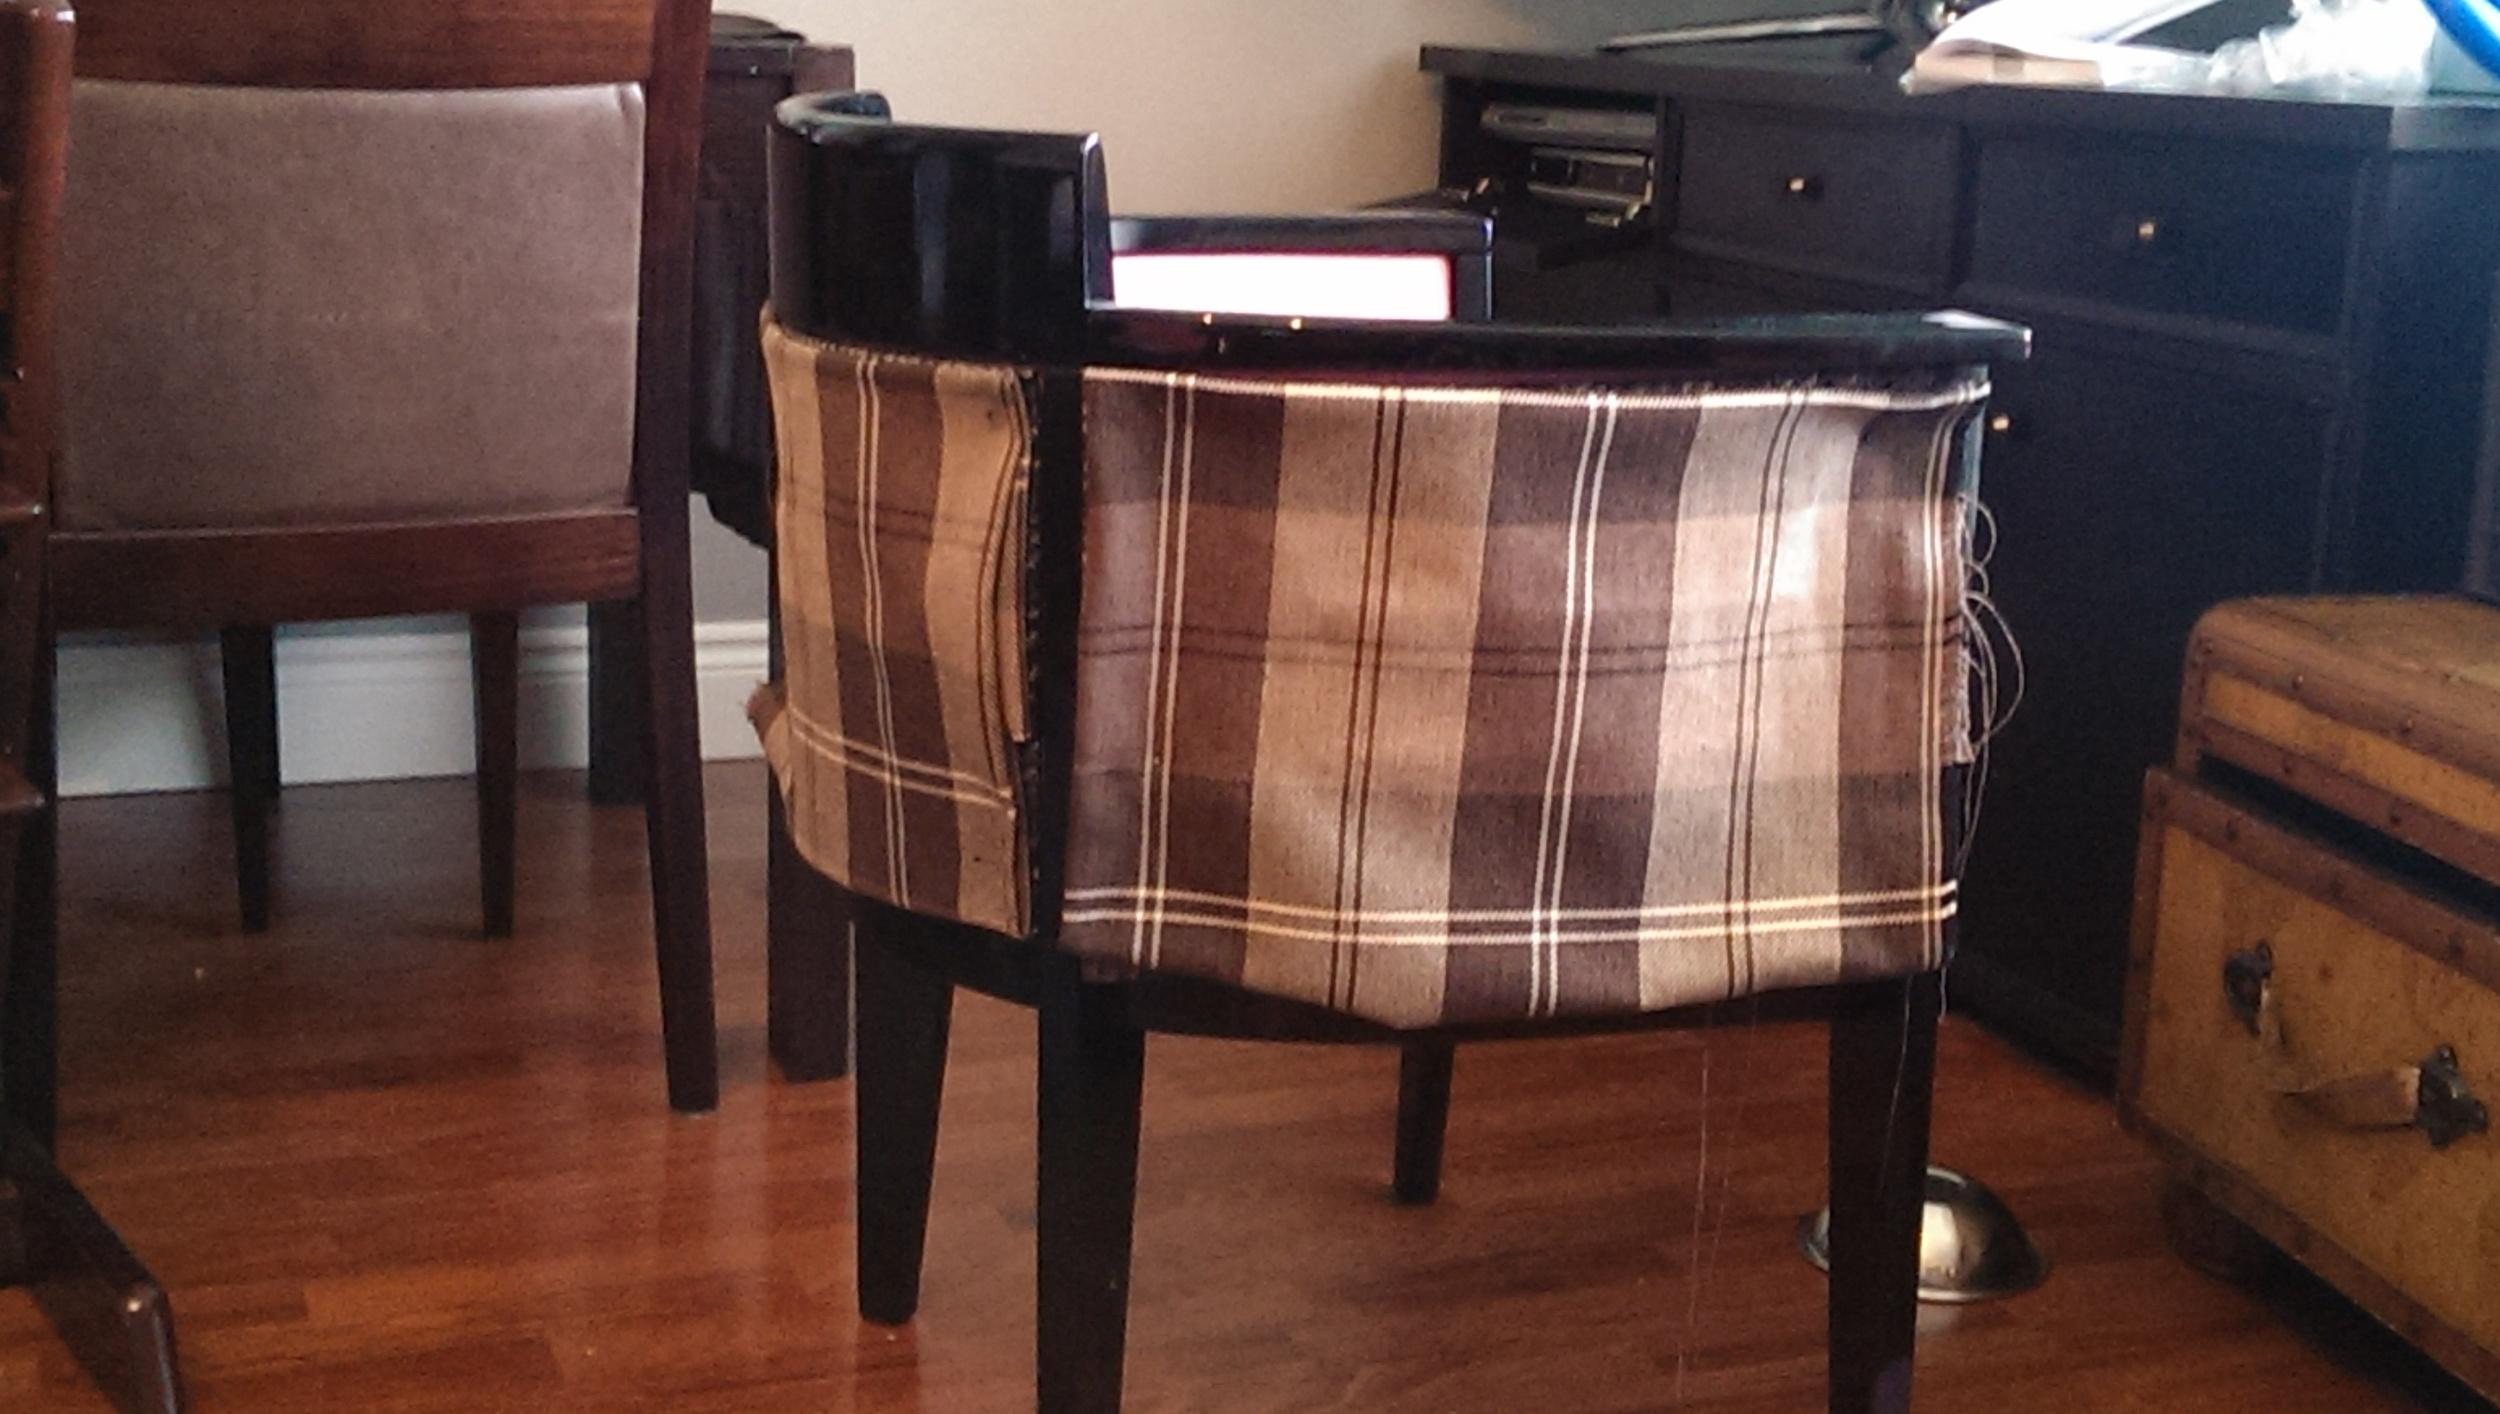 Czarne fotele kupione na allegro dzięki nowej tapicerce pozbyły się art-deco`wskiego charakteru